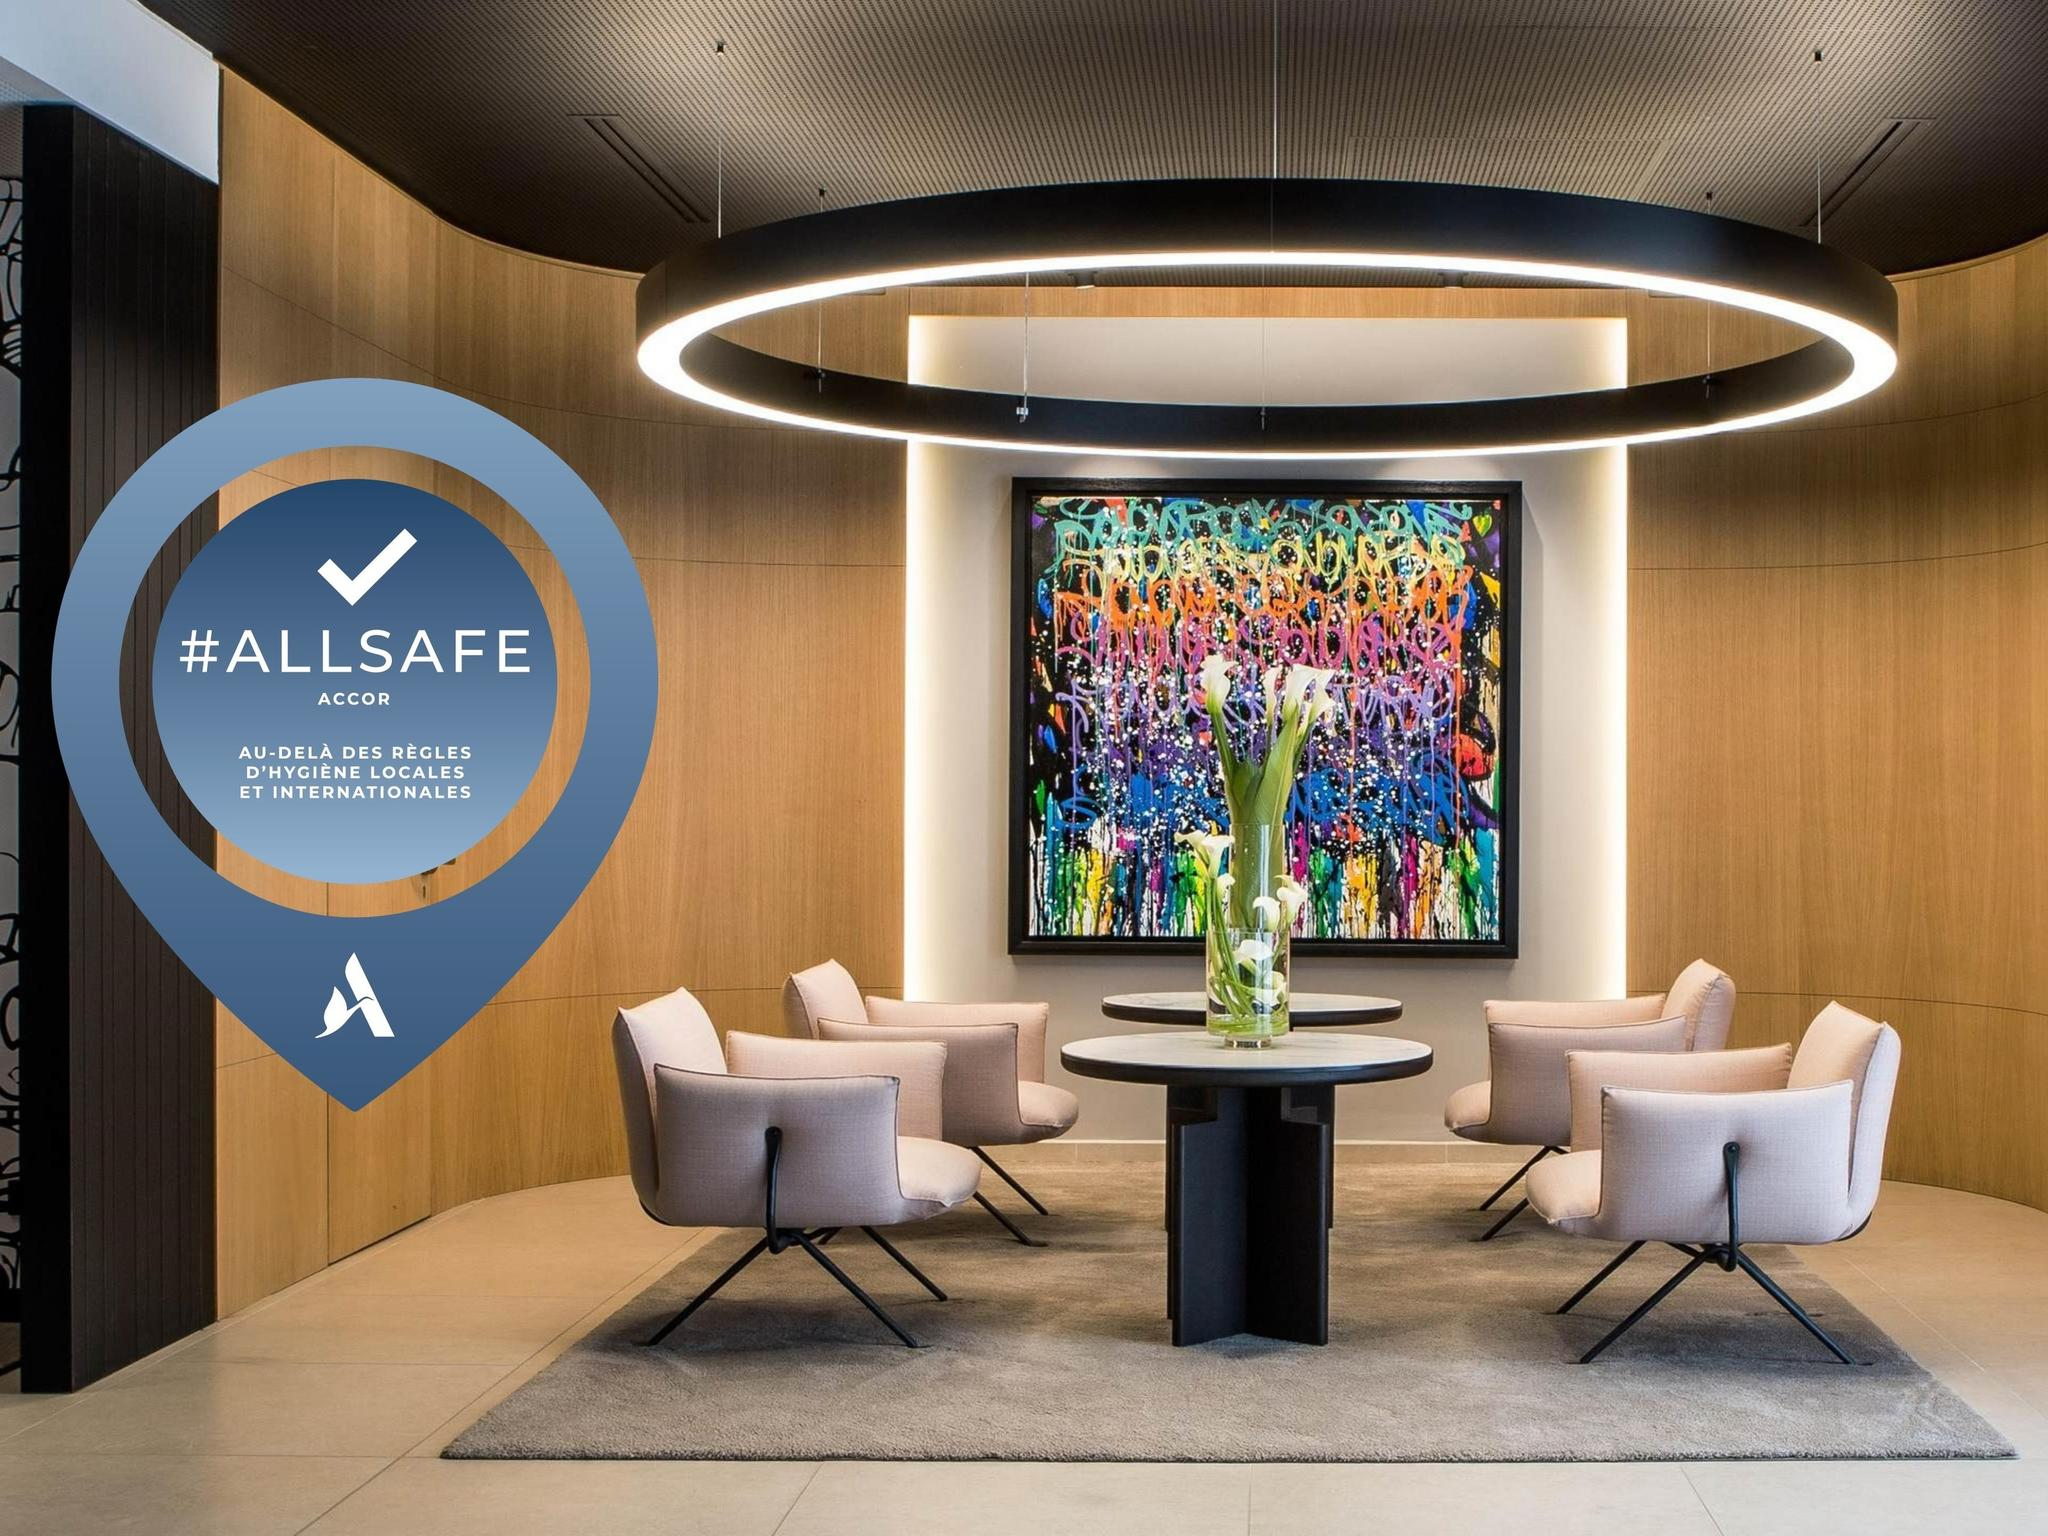 酒店 – 巴黎 17 区巴蒂诺尔美居酒店(2018 年 5 月开业)